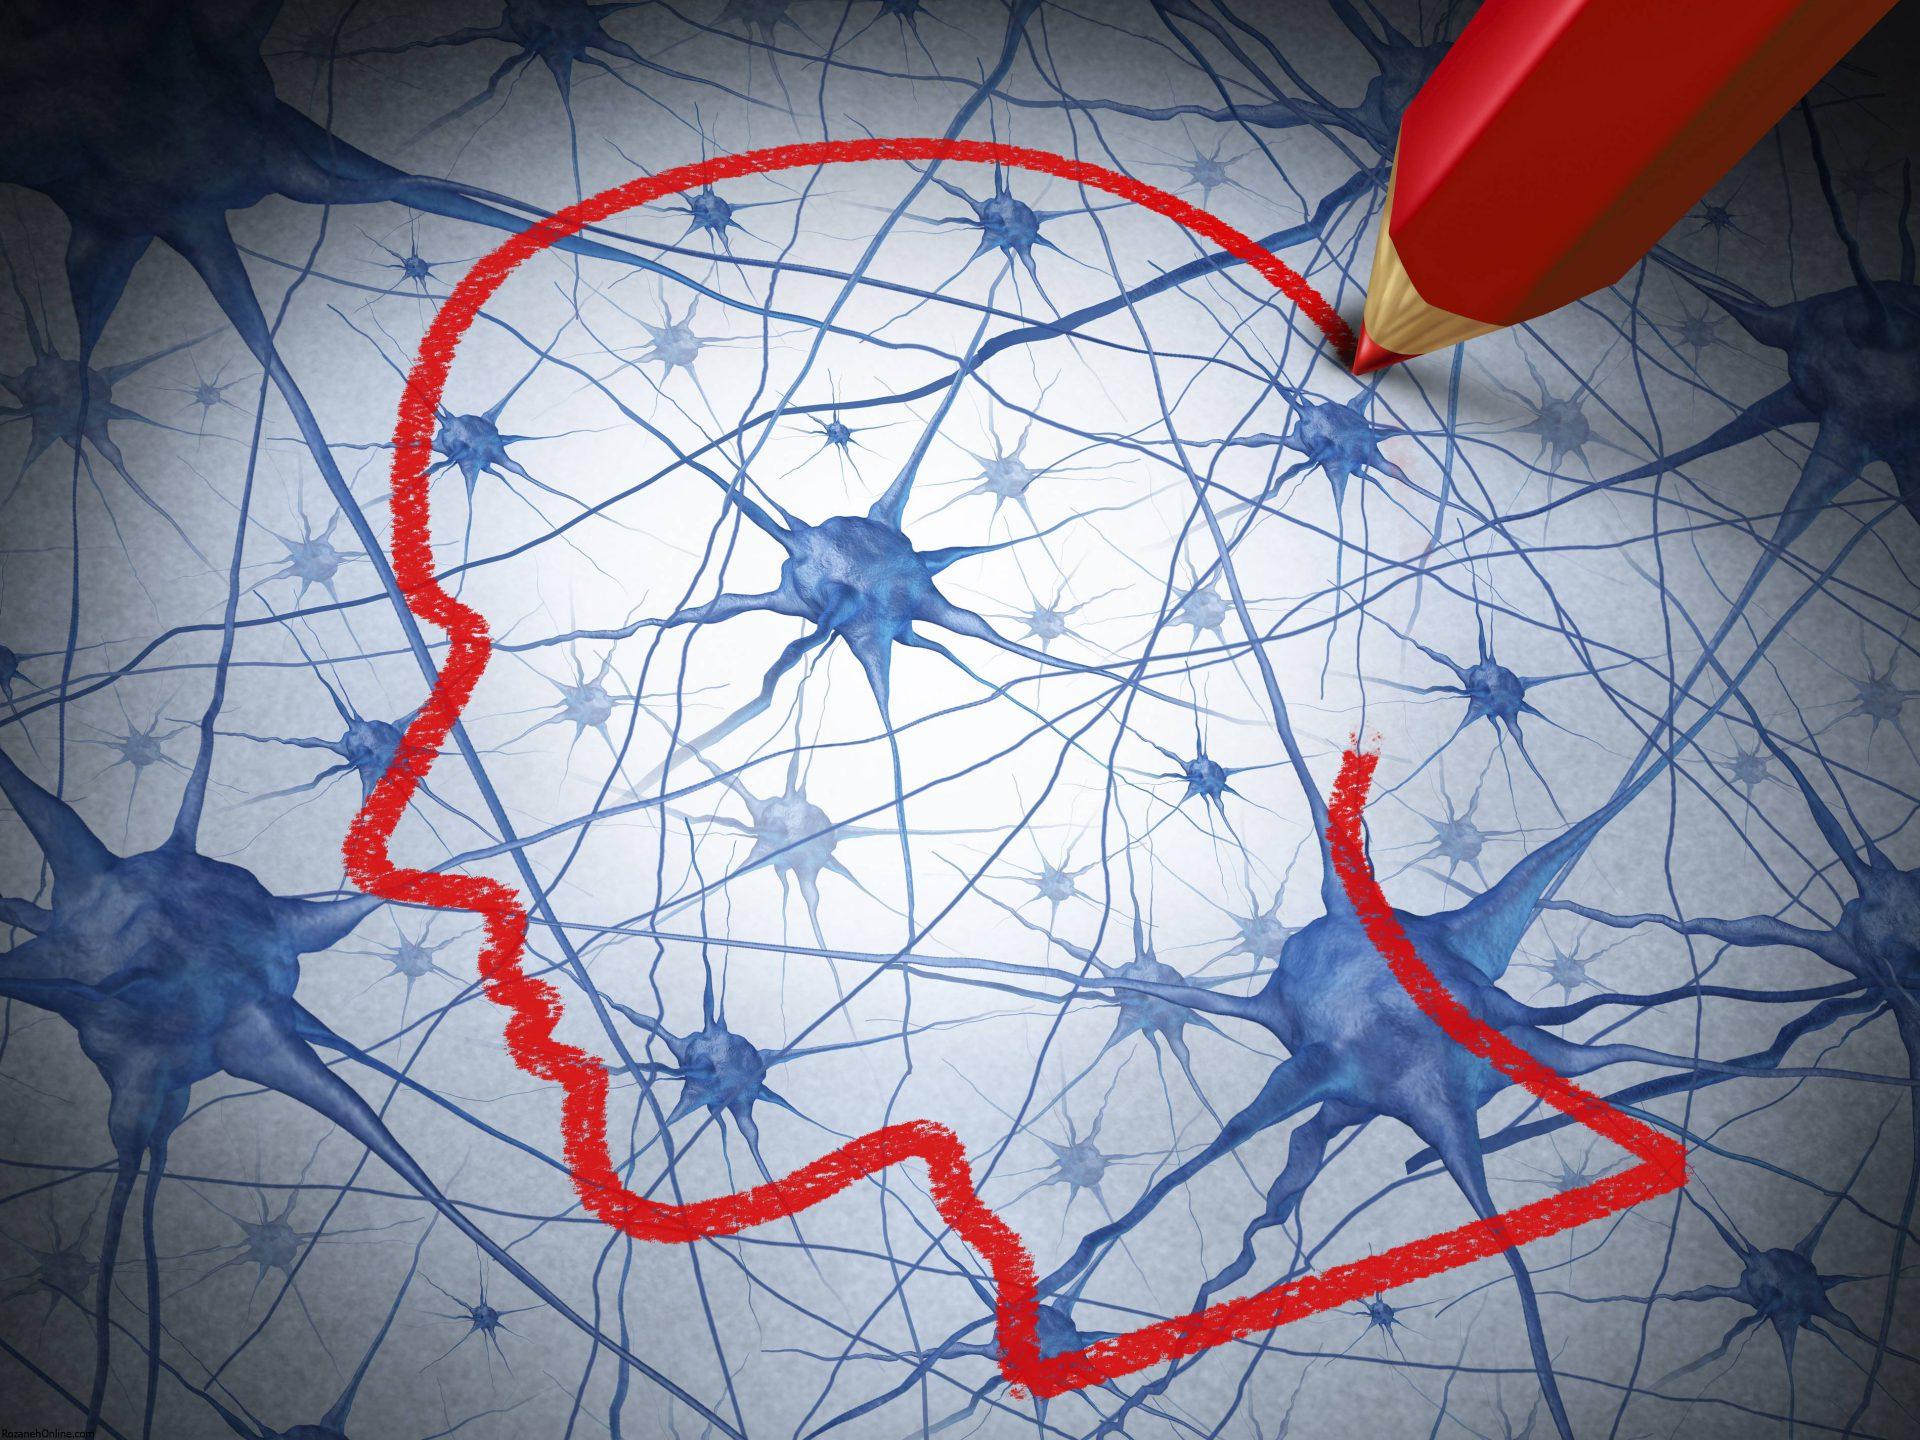 تاثیر دخانیات بر ایجاد سکتههای مغزی